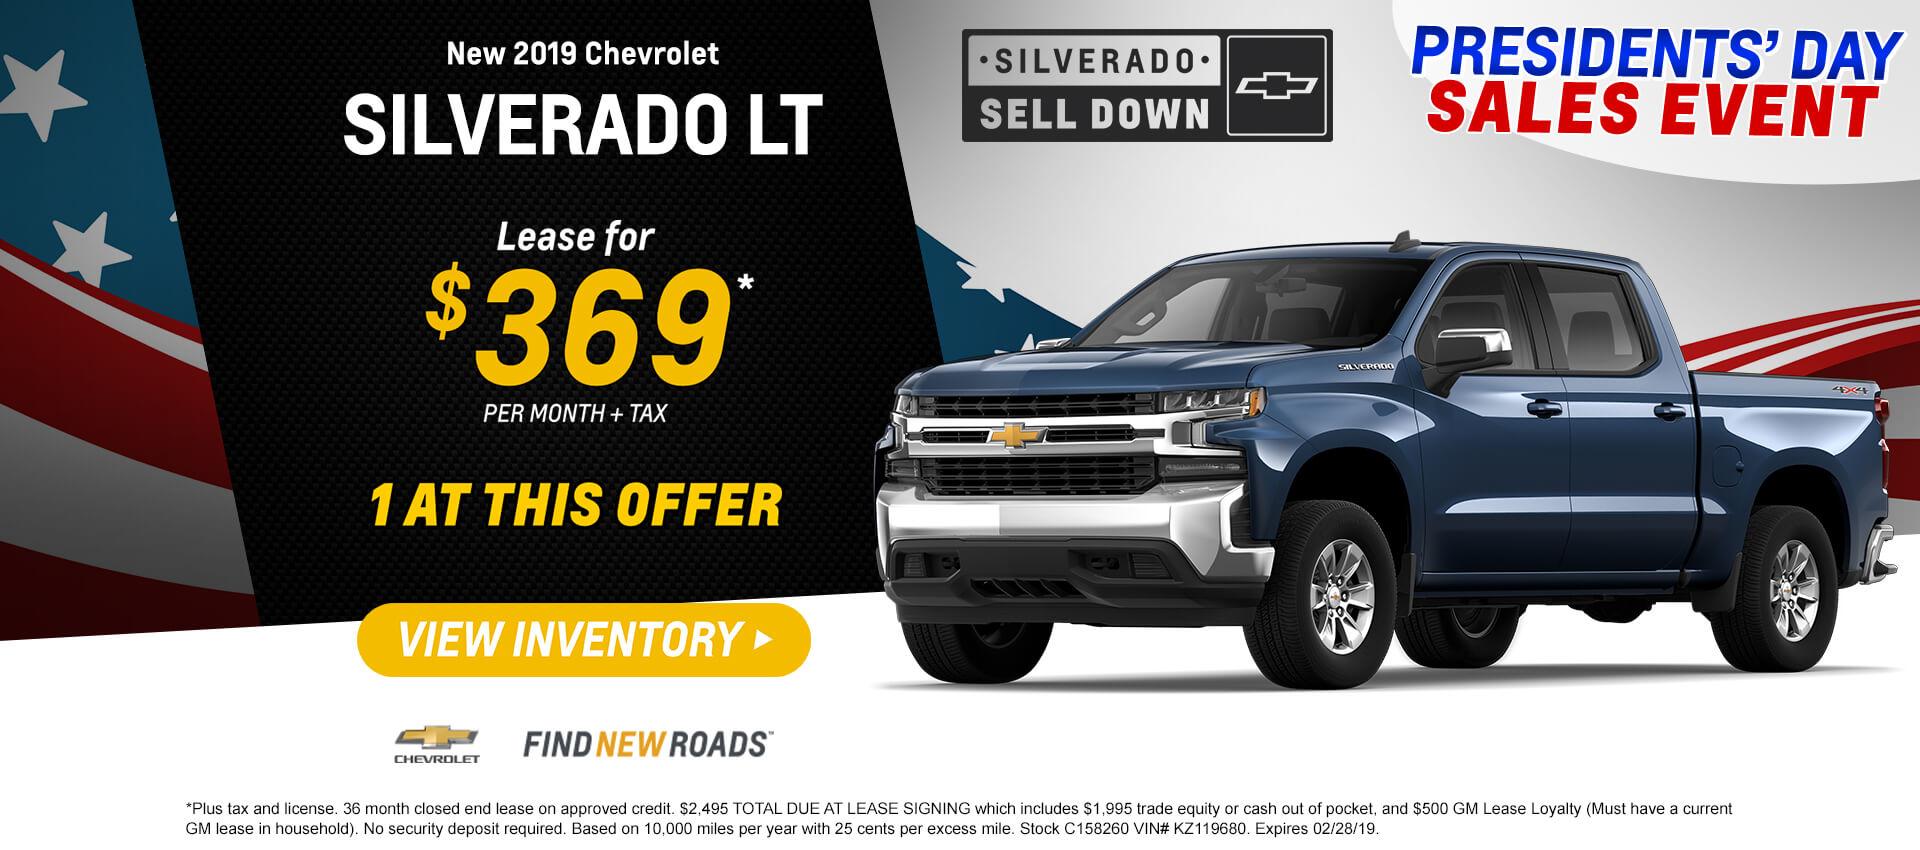 2019 Silverado Lease